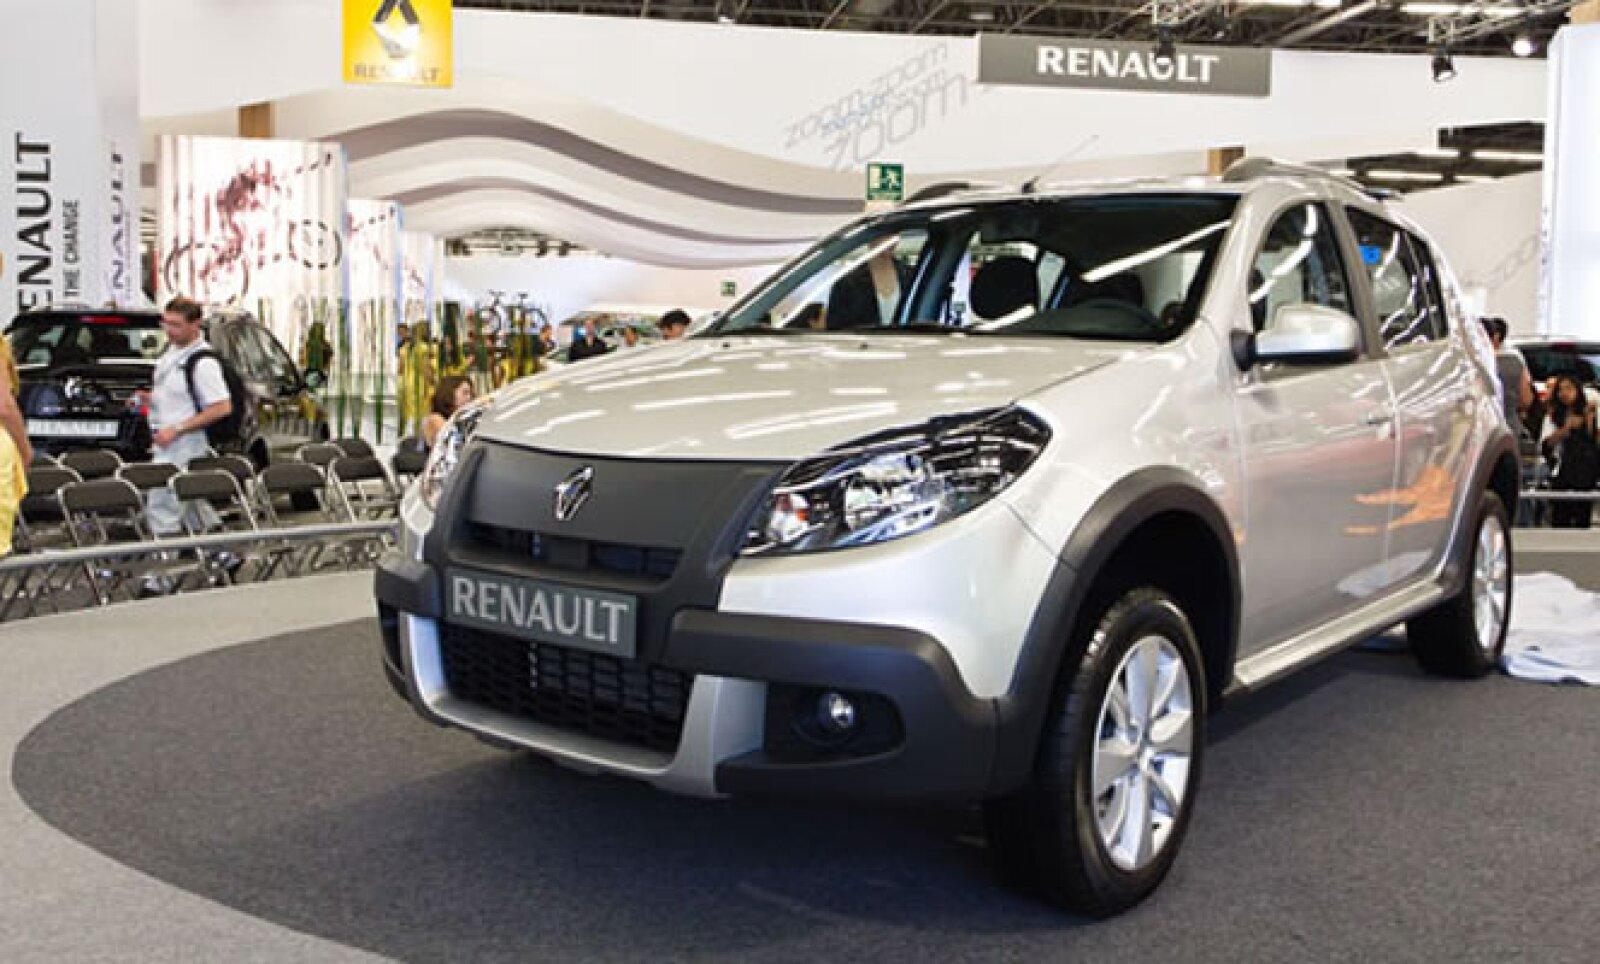 Al igual que su hermano menor, el Sandero, el Renault Stepway recibe un facelift para su modelo 2012. Ahora, encontramos un frente más agresivo y masculino que definitivamente le hace lucir diferente a su antecesor.